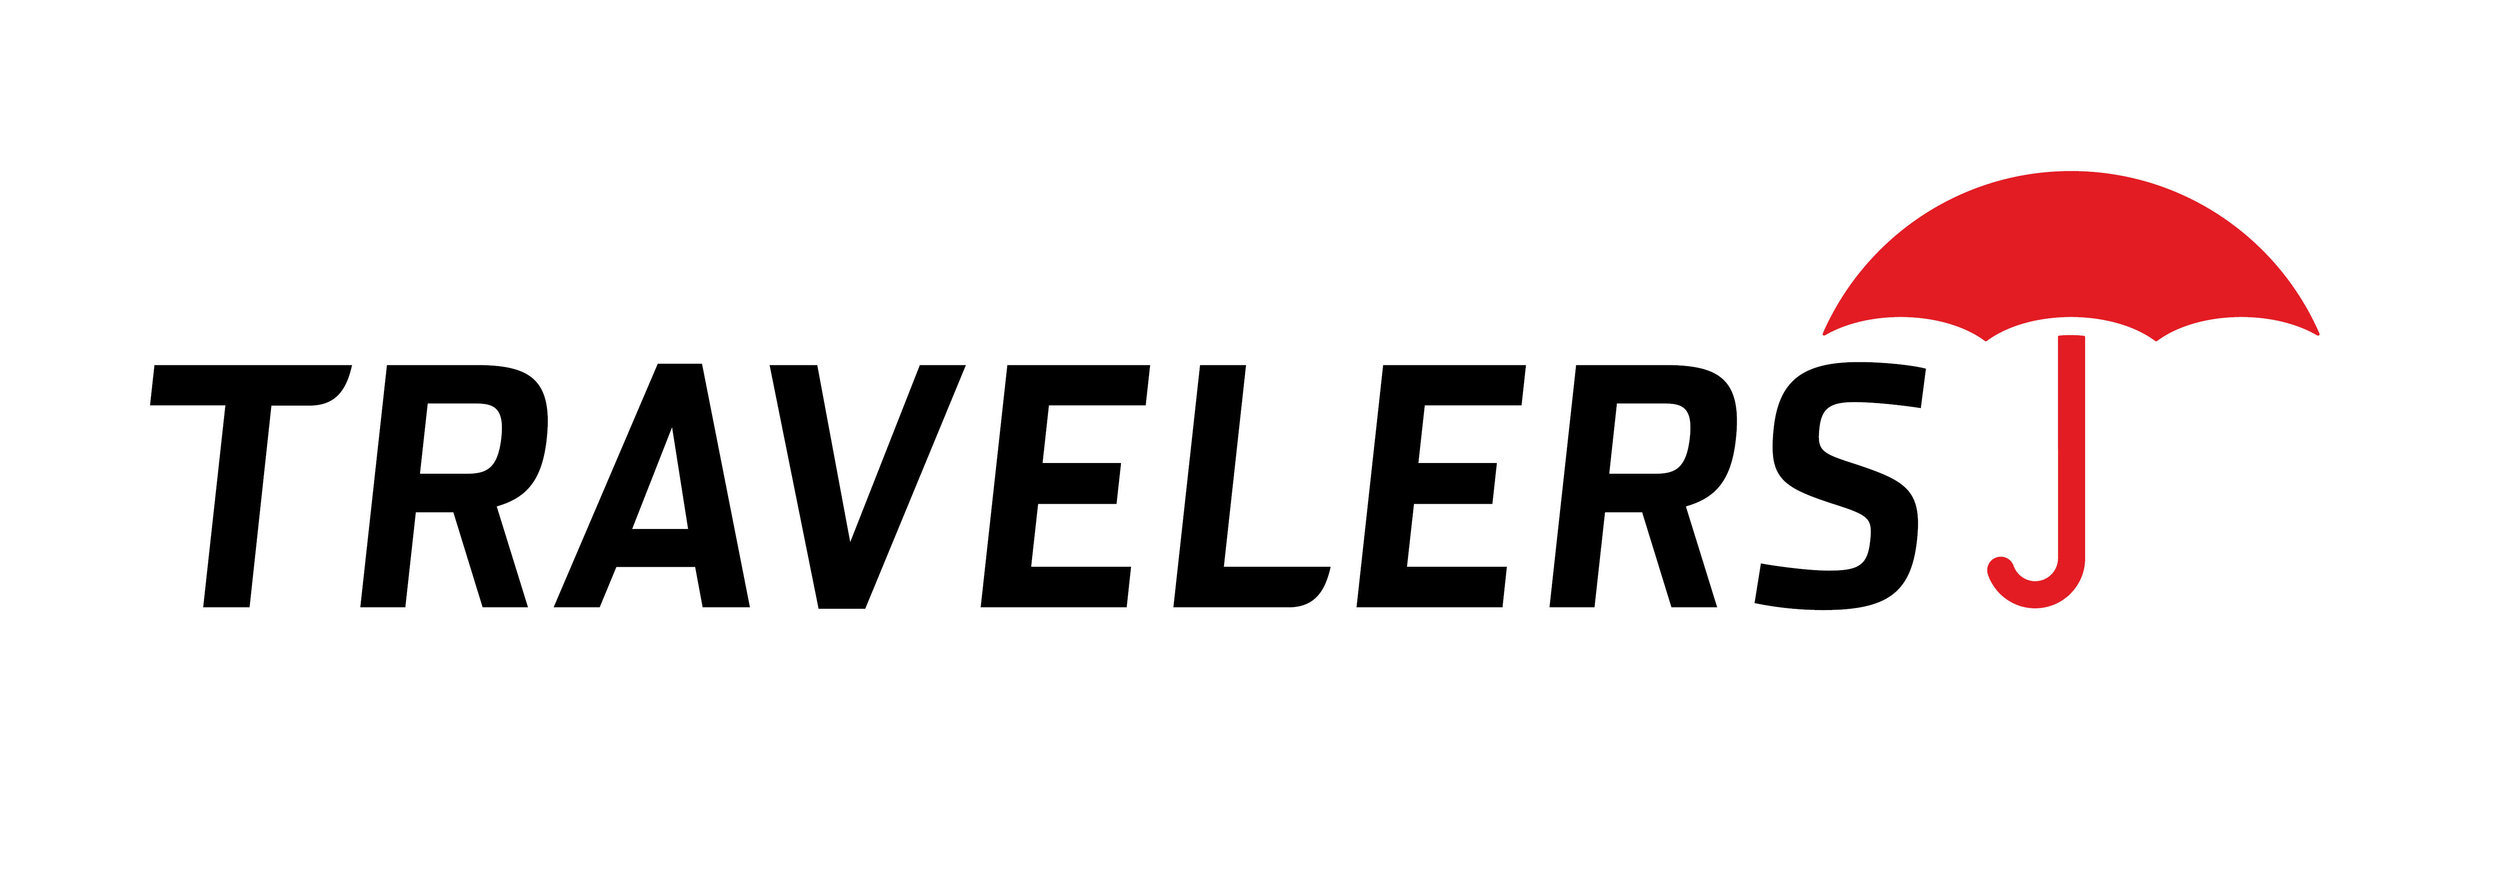 Travelers2014.jpg